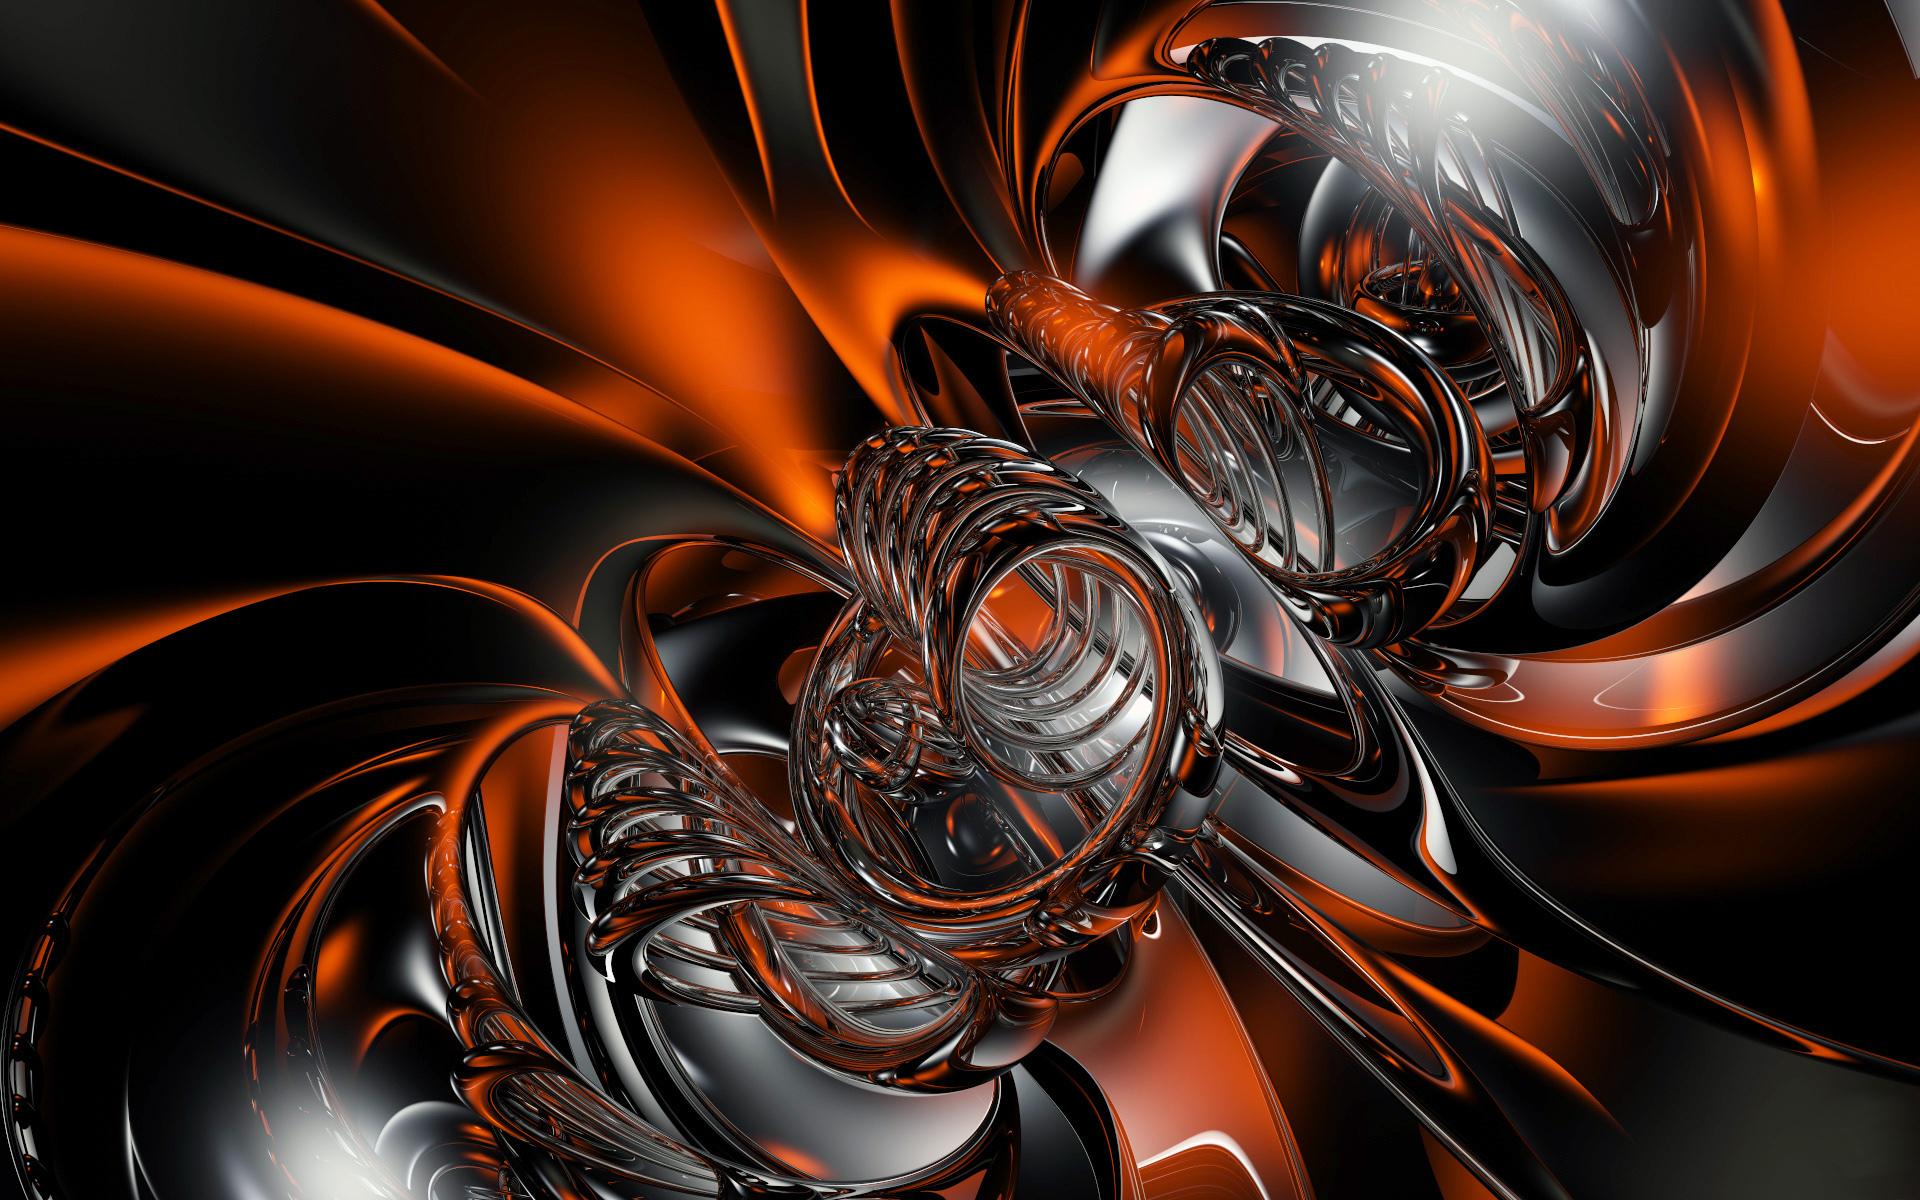 картинки телефона абстракция своих